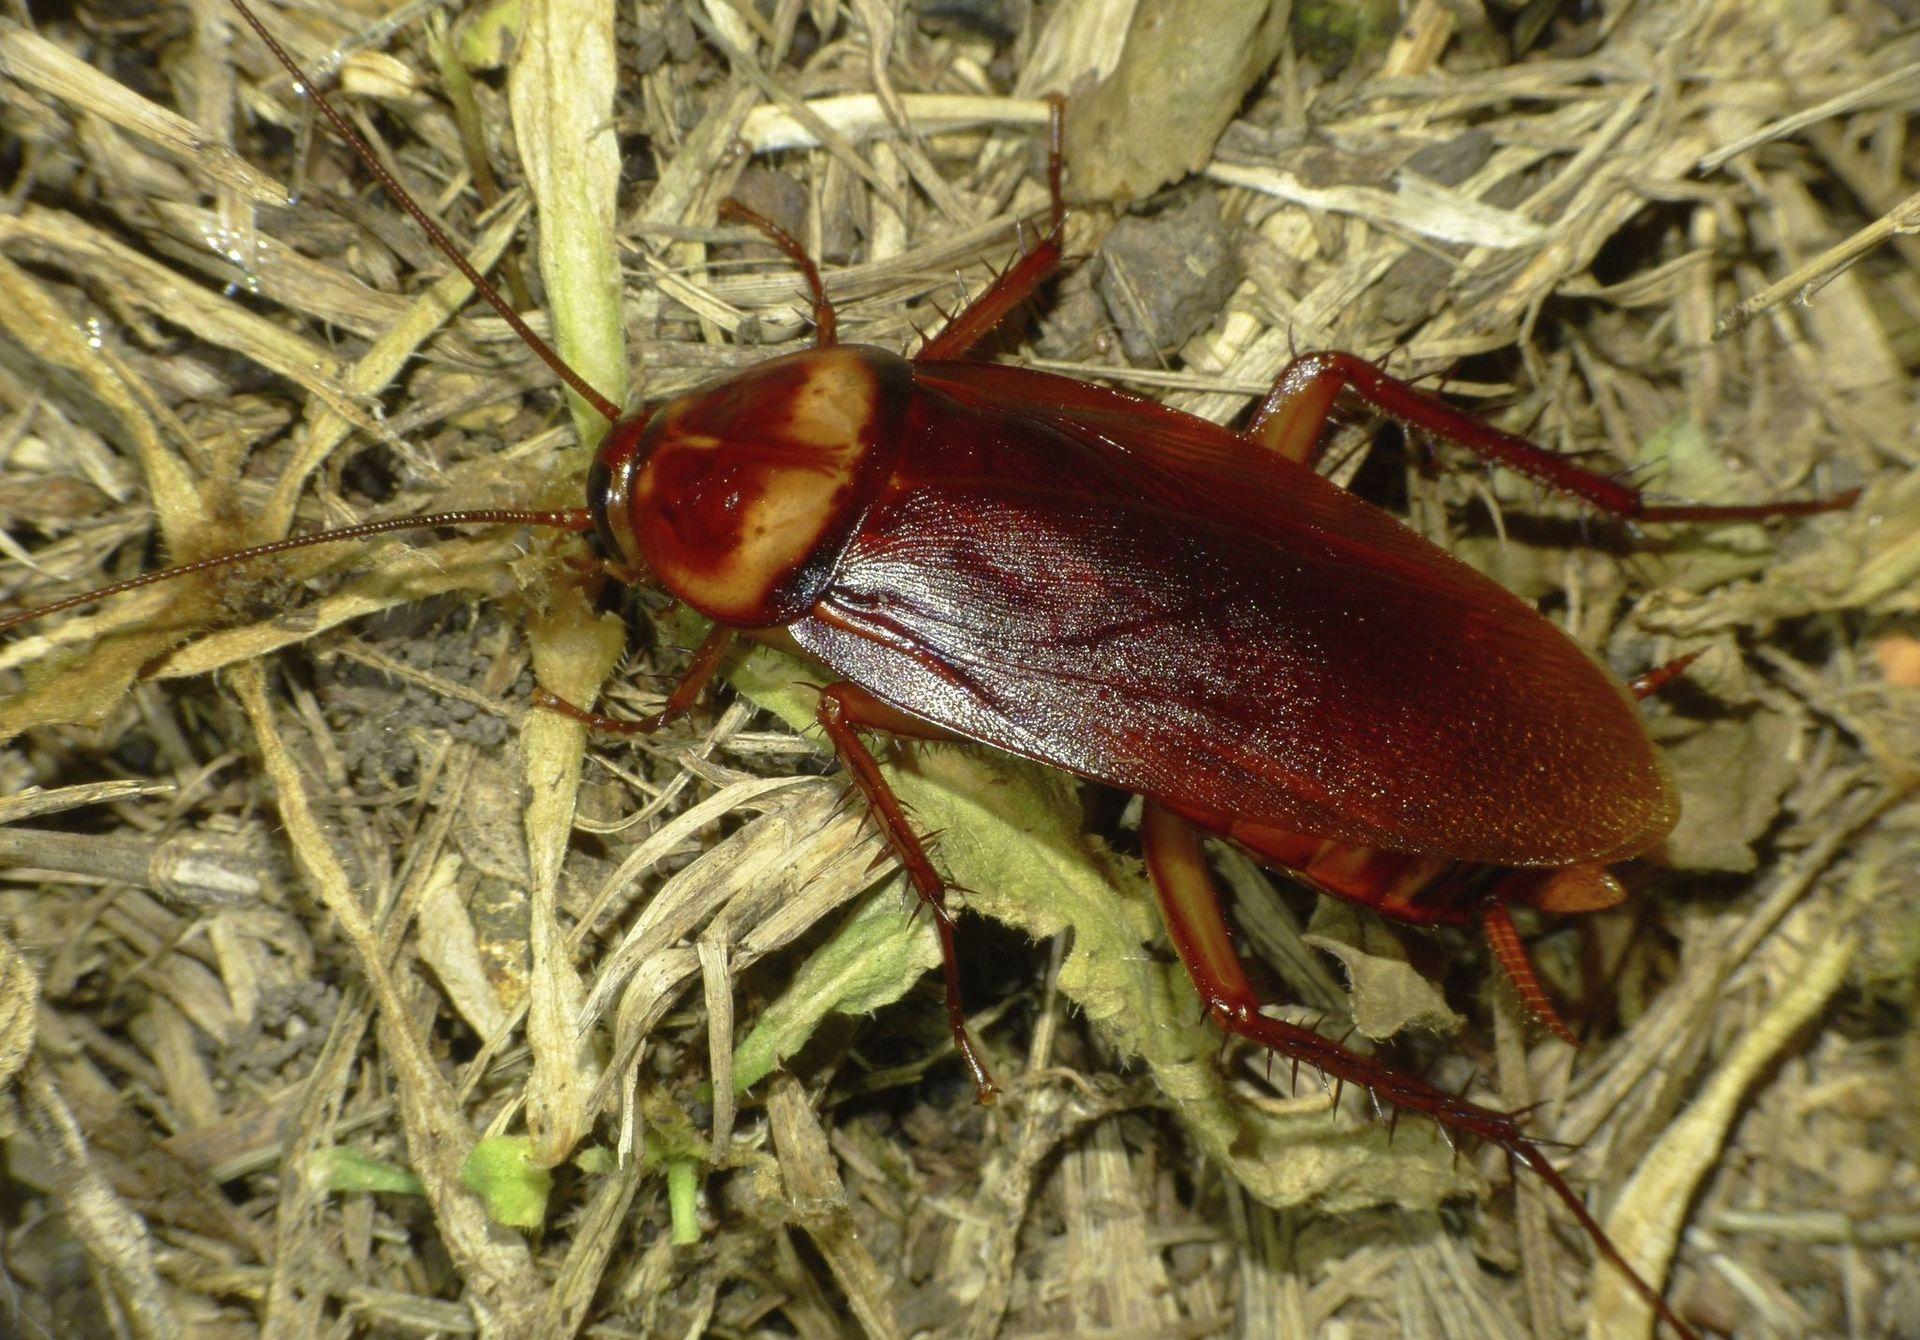 таракан сидит на сене